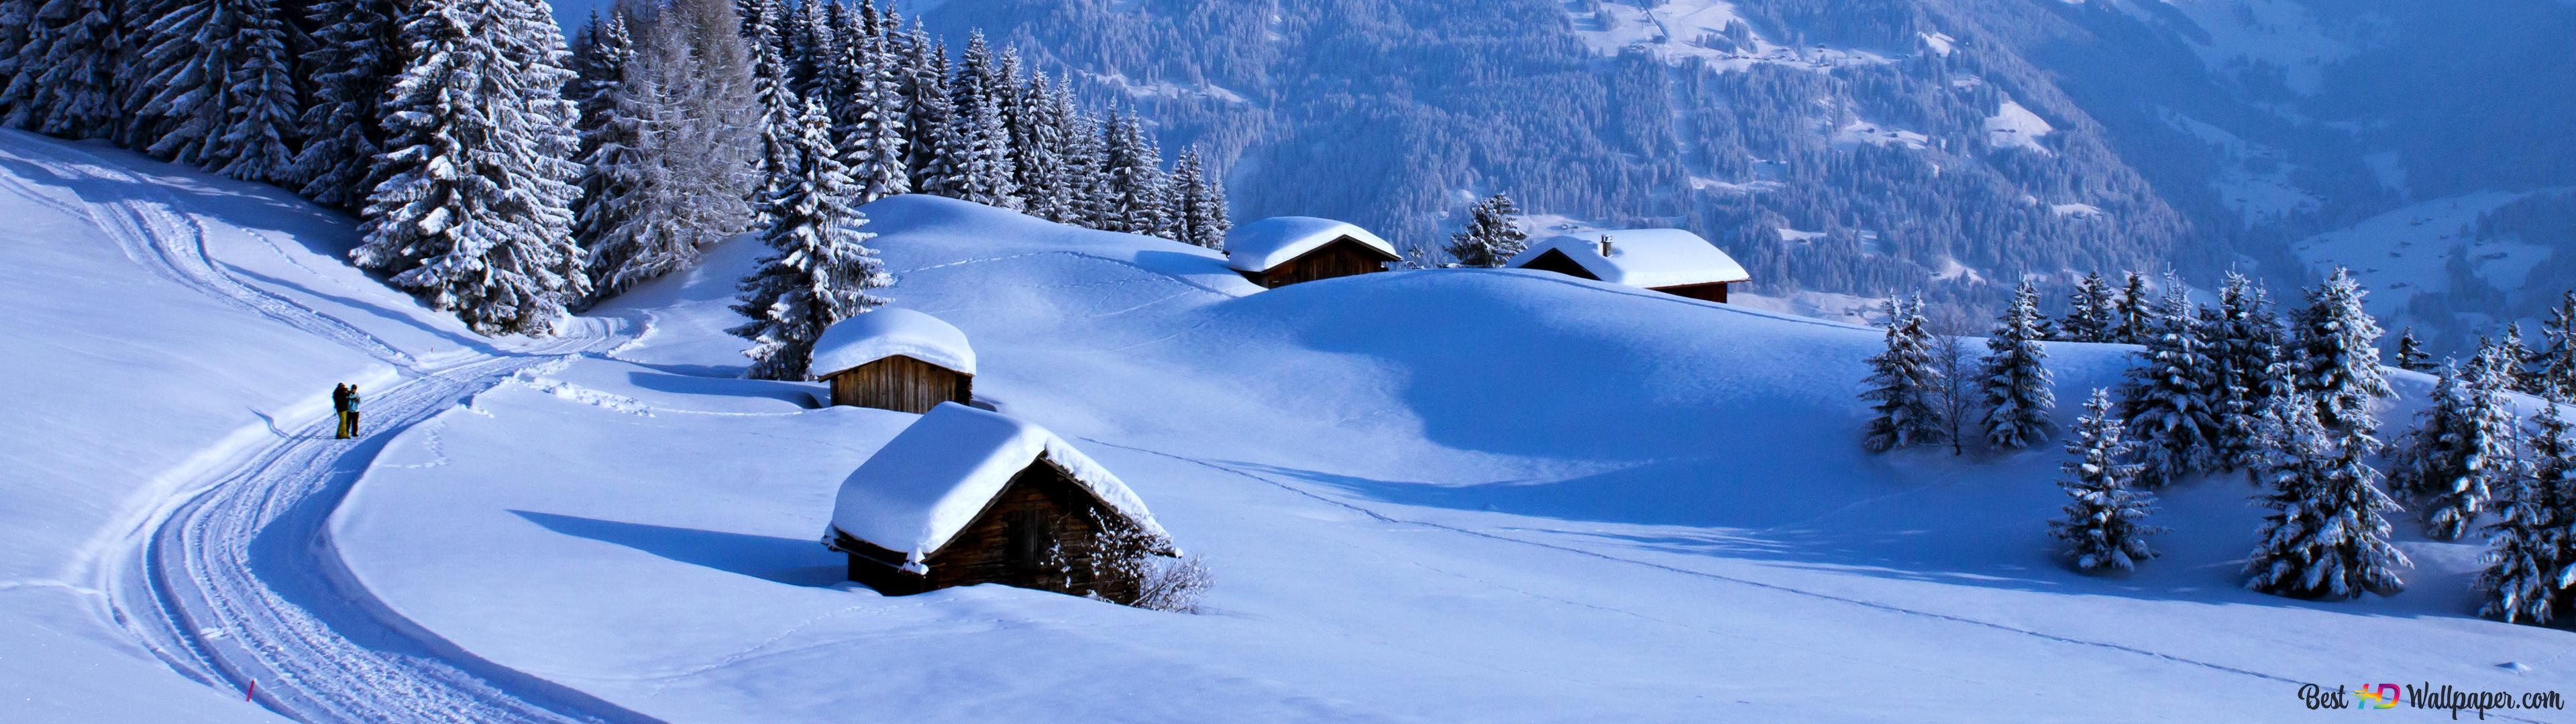 冬の田園地方 Hd壁紙のダウンロード